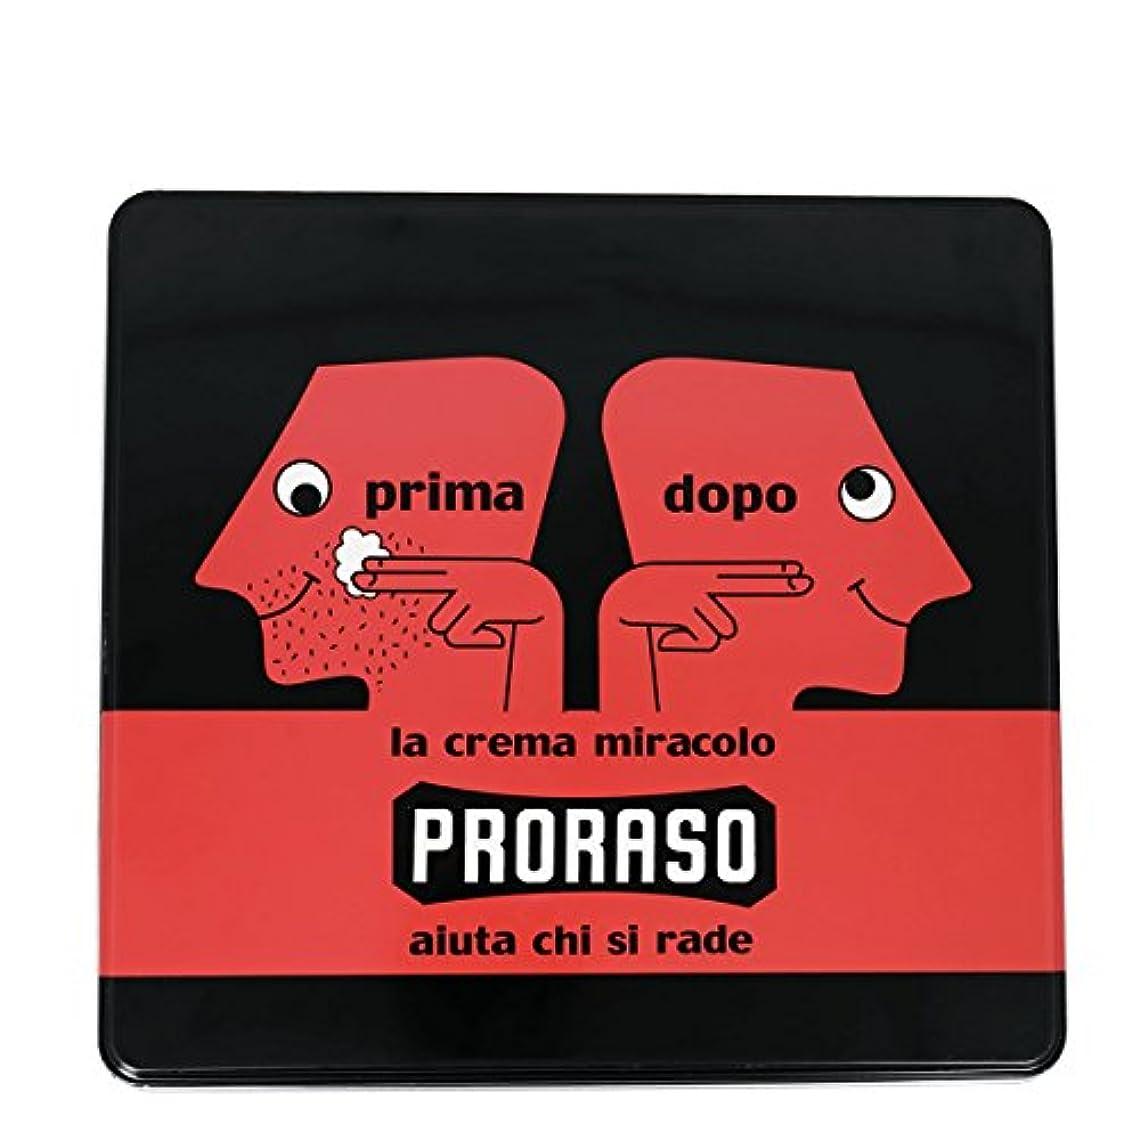 タワー代わって麦芽Proraso Primadopo ヴィンテージ ナリシング セレクション 缶[海外直送品] [並行輸入品]